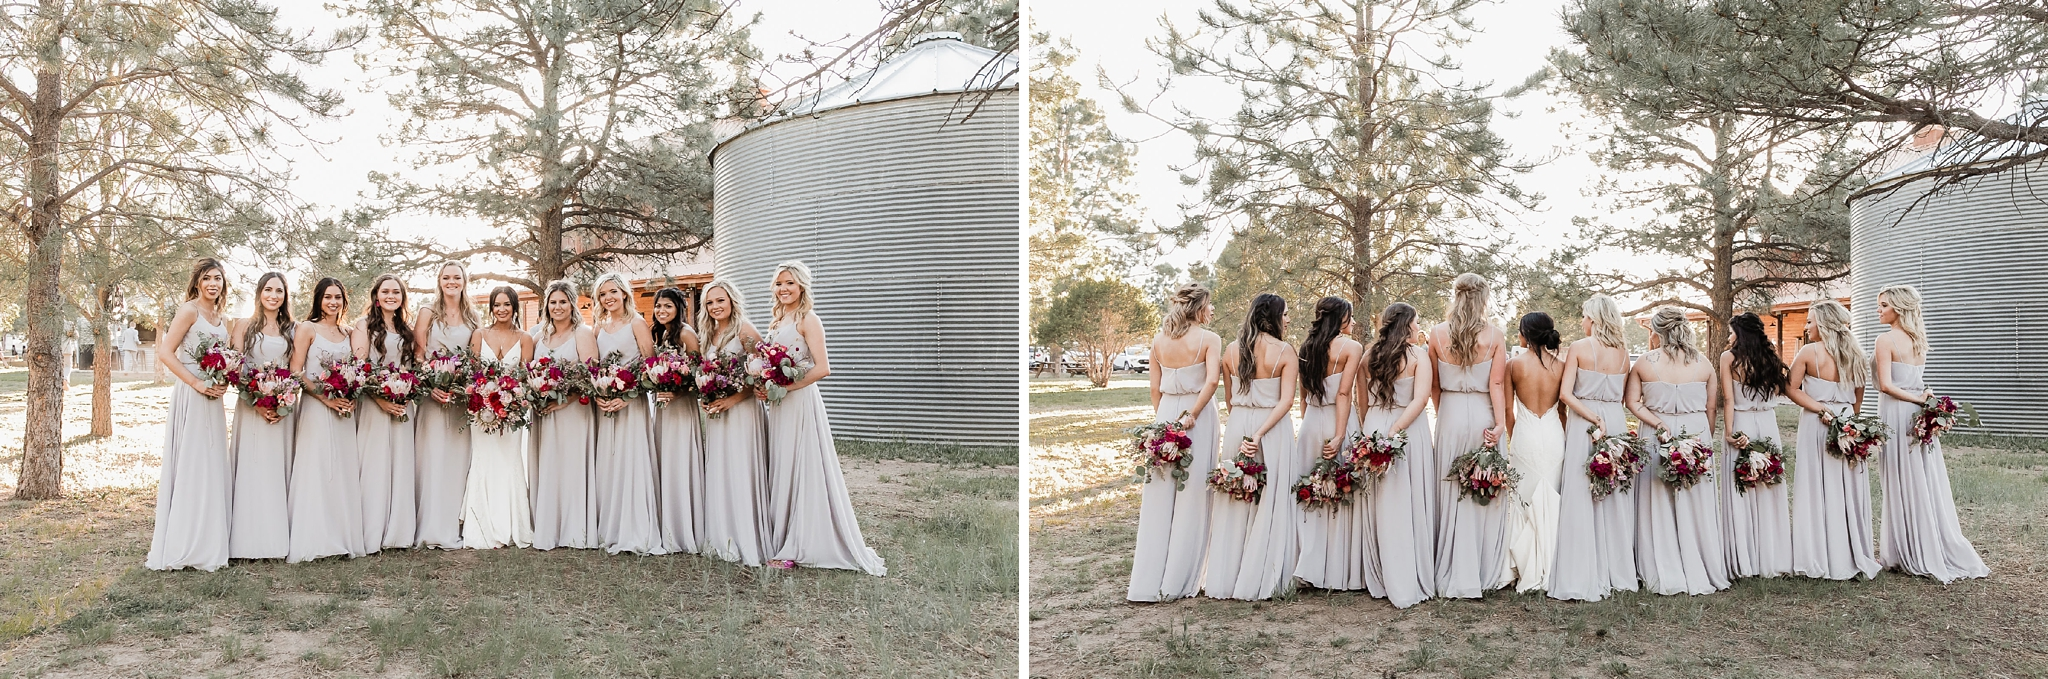 Alicia+lucia+photography+-+albuquerque+wedding+photographer+-+santa+fe+wedding+photography+-+new+mexico+wedding+photographer+-+new+mexico+wedding+-+new+mexico+wedding+-+colorado+wedding+-+bridesmaids+-+bridesmaid+style_0004.jpg